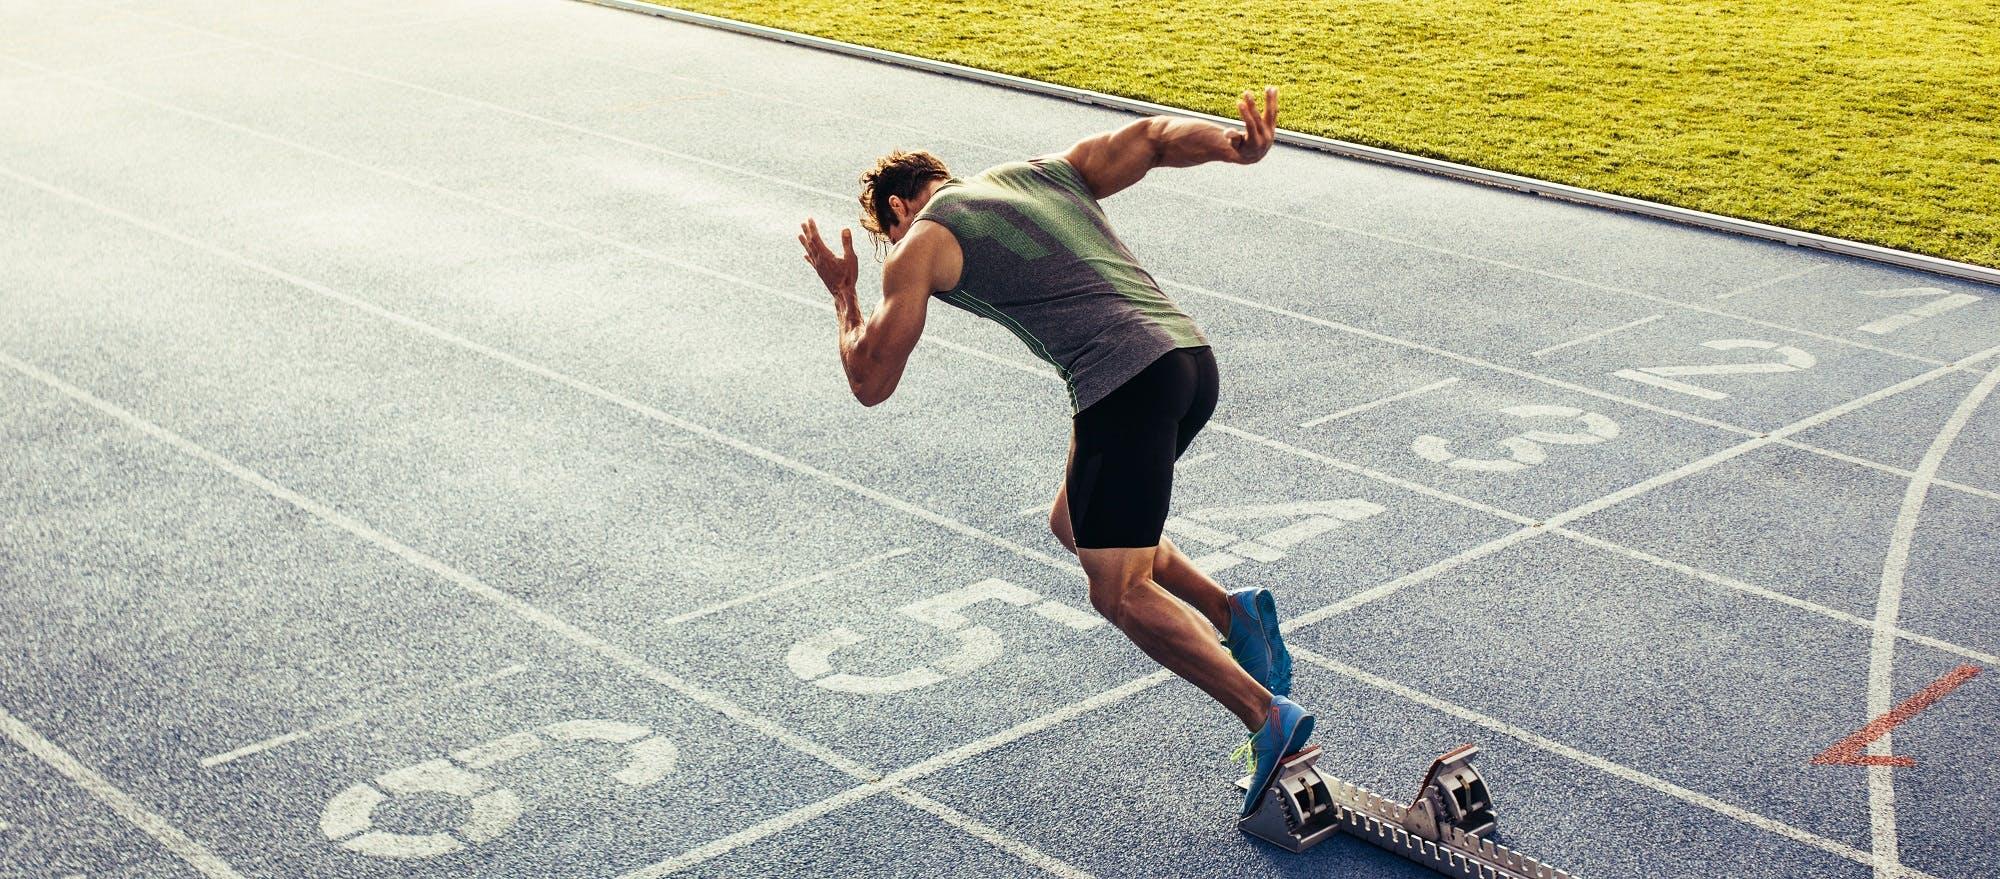 400αρια:H«απόλυτη προπόνηση» για όλες τις αποστάσεις